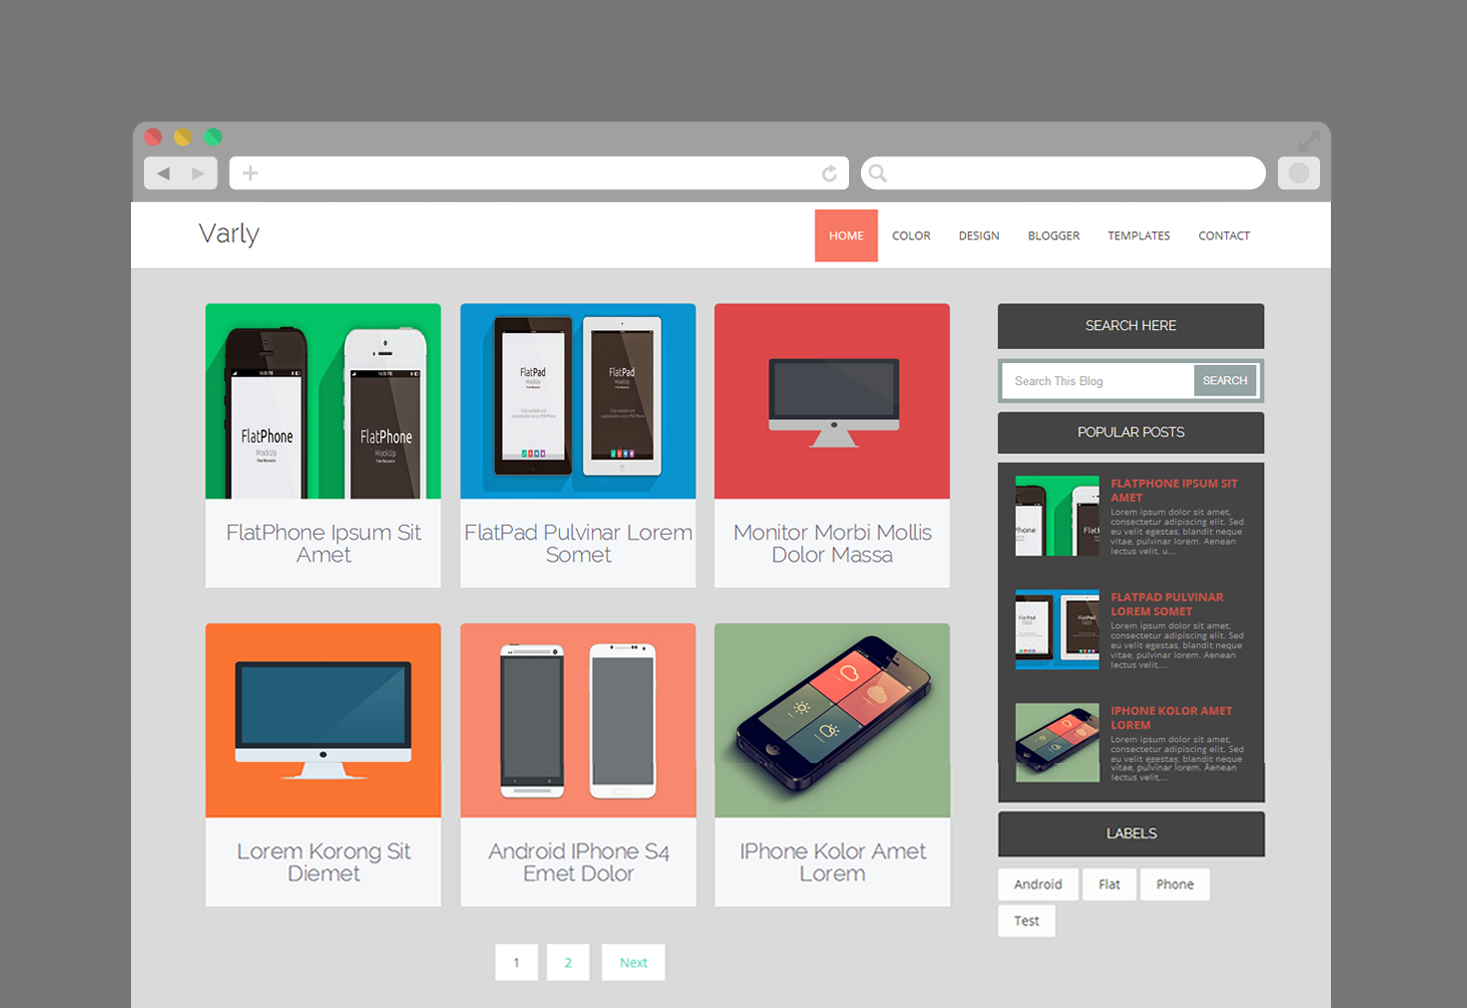 Template Blogspot Varly cho trang bán hàng